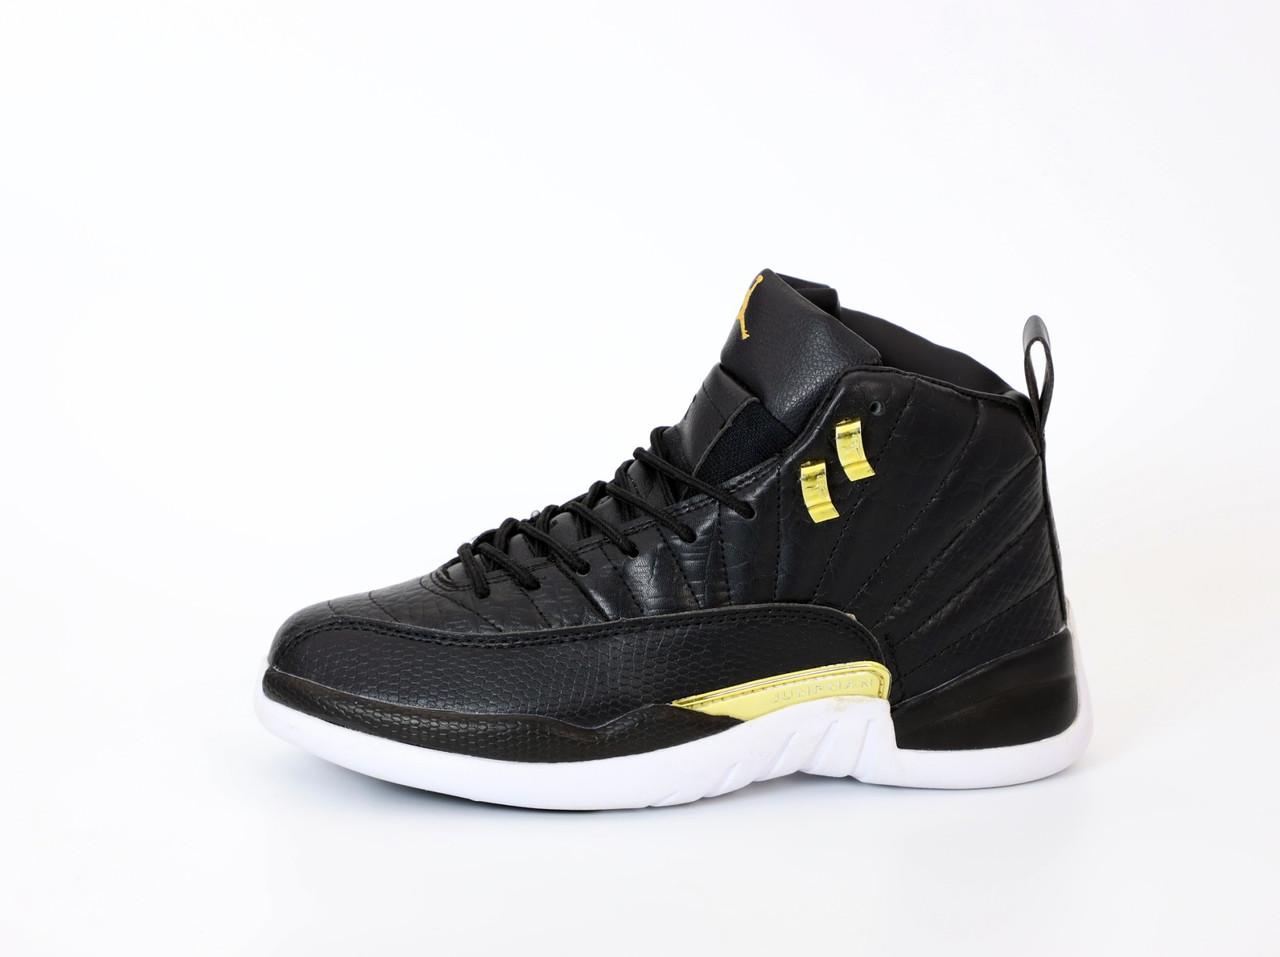 Мужские кроссовки Nike Air Jordan 12 Retro. Black. ТОП Реплика ААА класса.